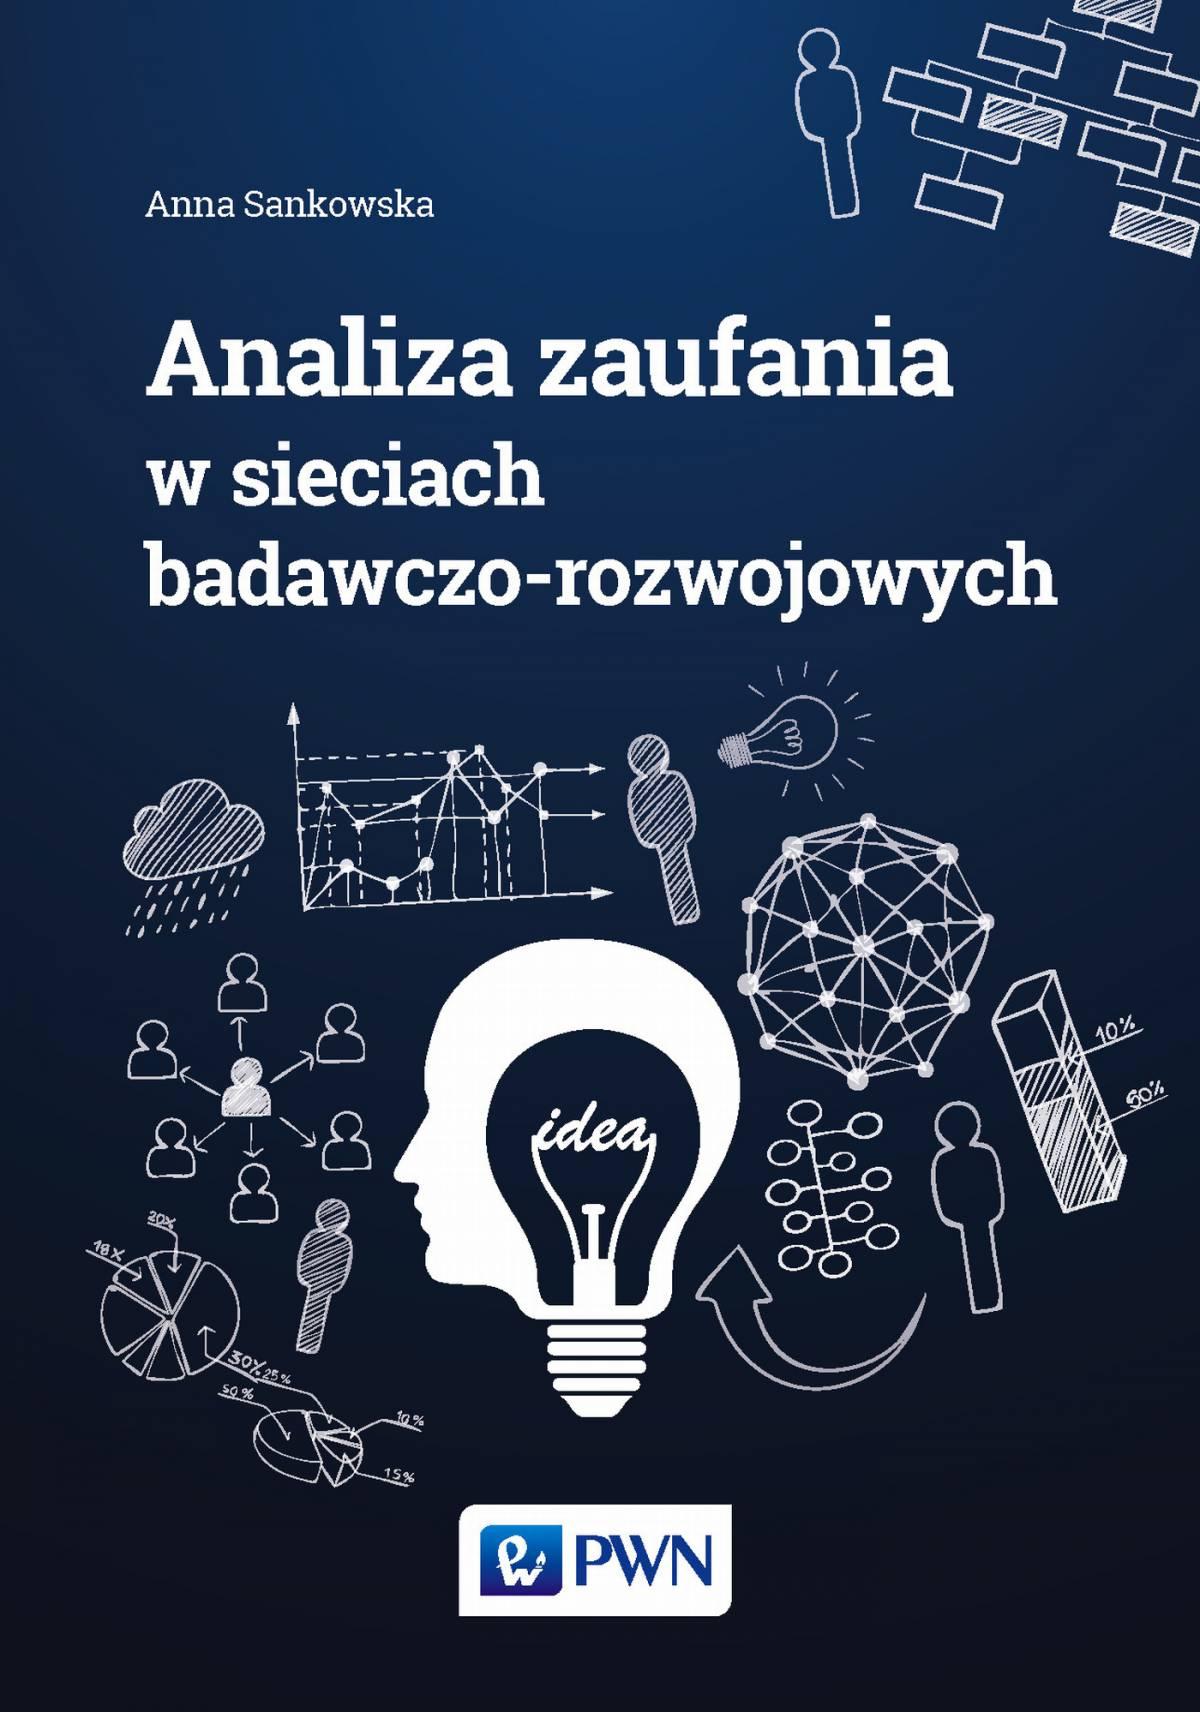 Analiza zaufania w sieciach badawczo-rozwojowych - Ebook (Książka EPUB) do pobrania w formacie EPUB